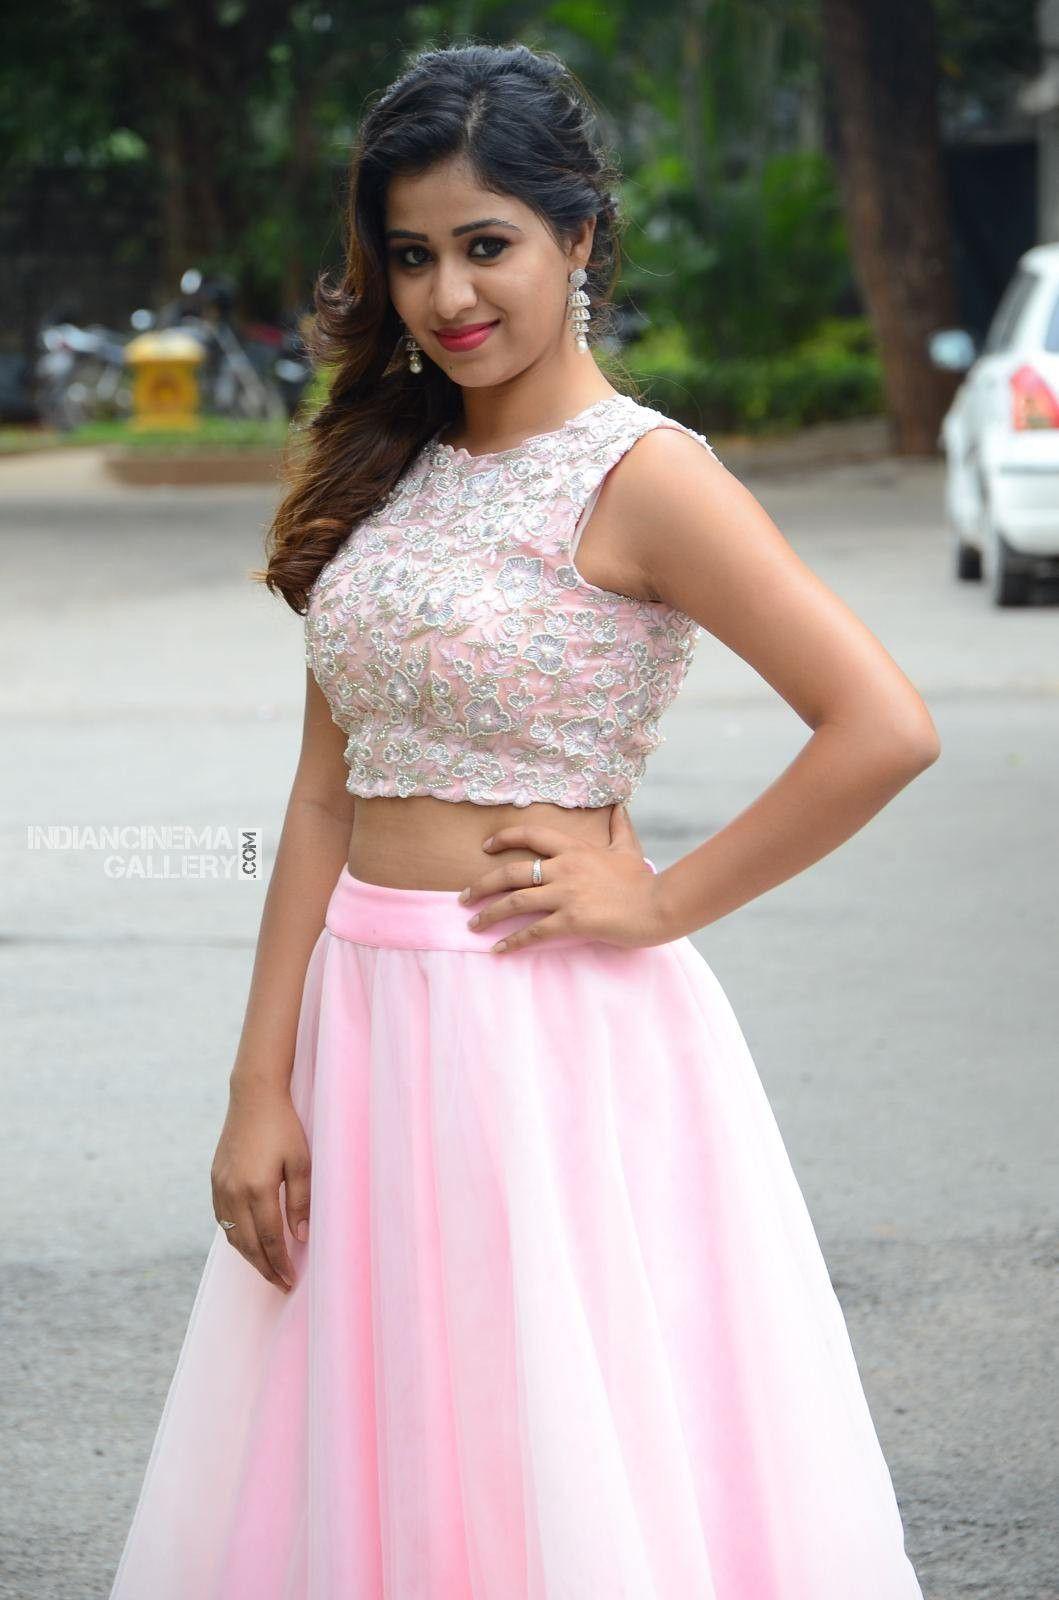 all indian actress wallpapershd: South Indian Actress